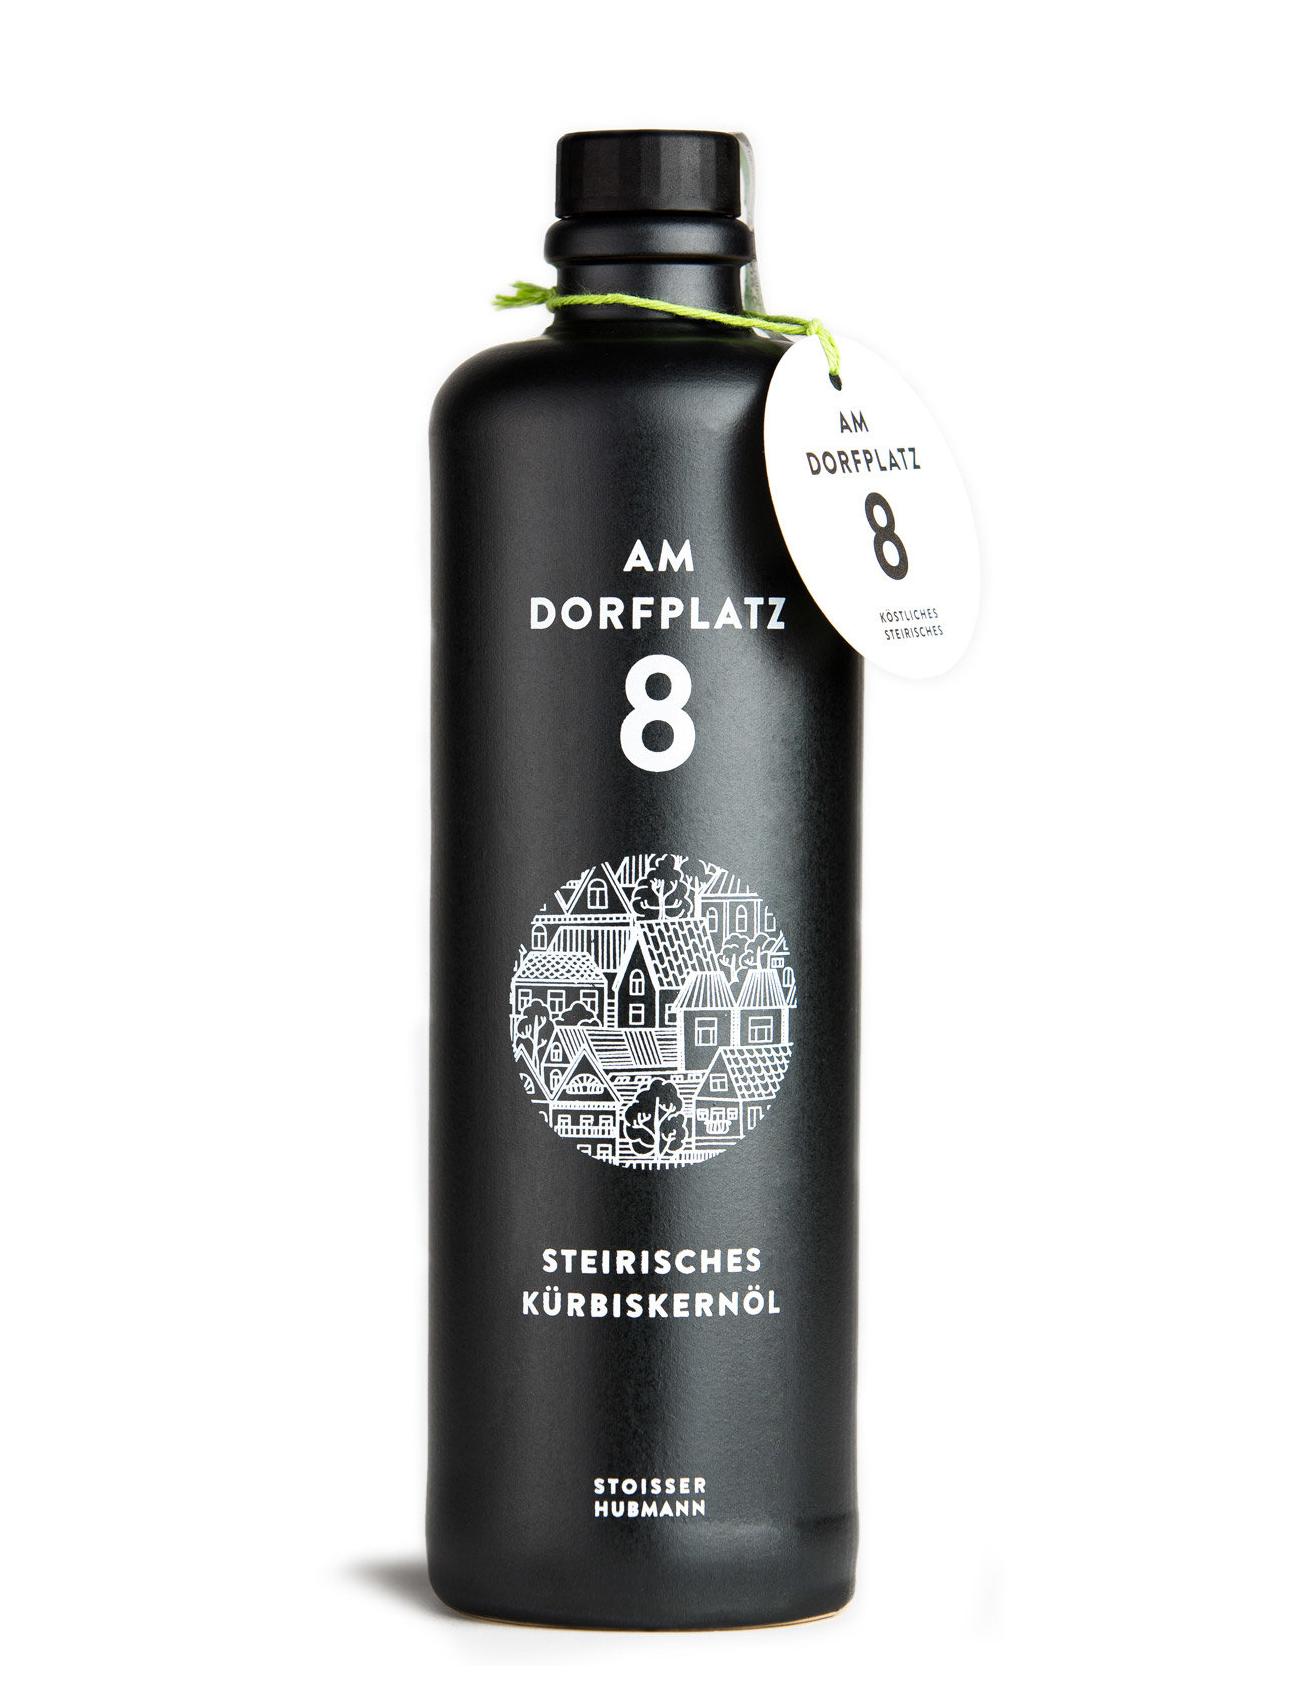 steirisches Kürbiskernöl in Tonflasche am Dorfplatz 8 online kaufen Online shop Burgenland Neusiedlersee